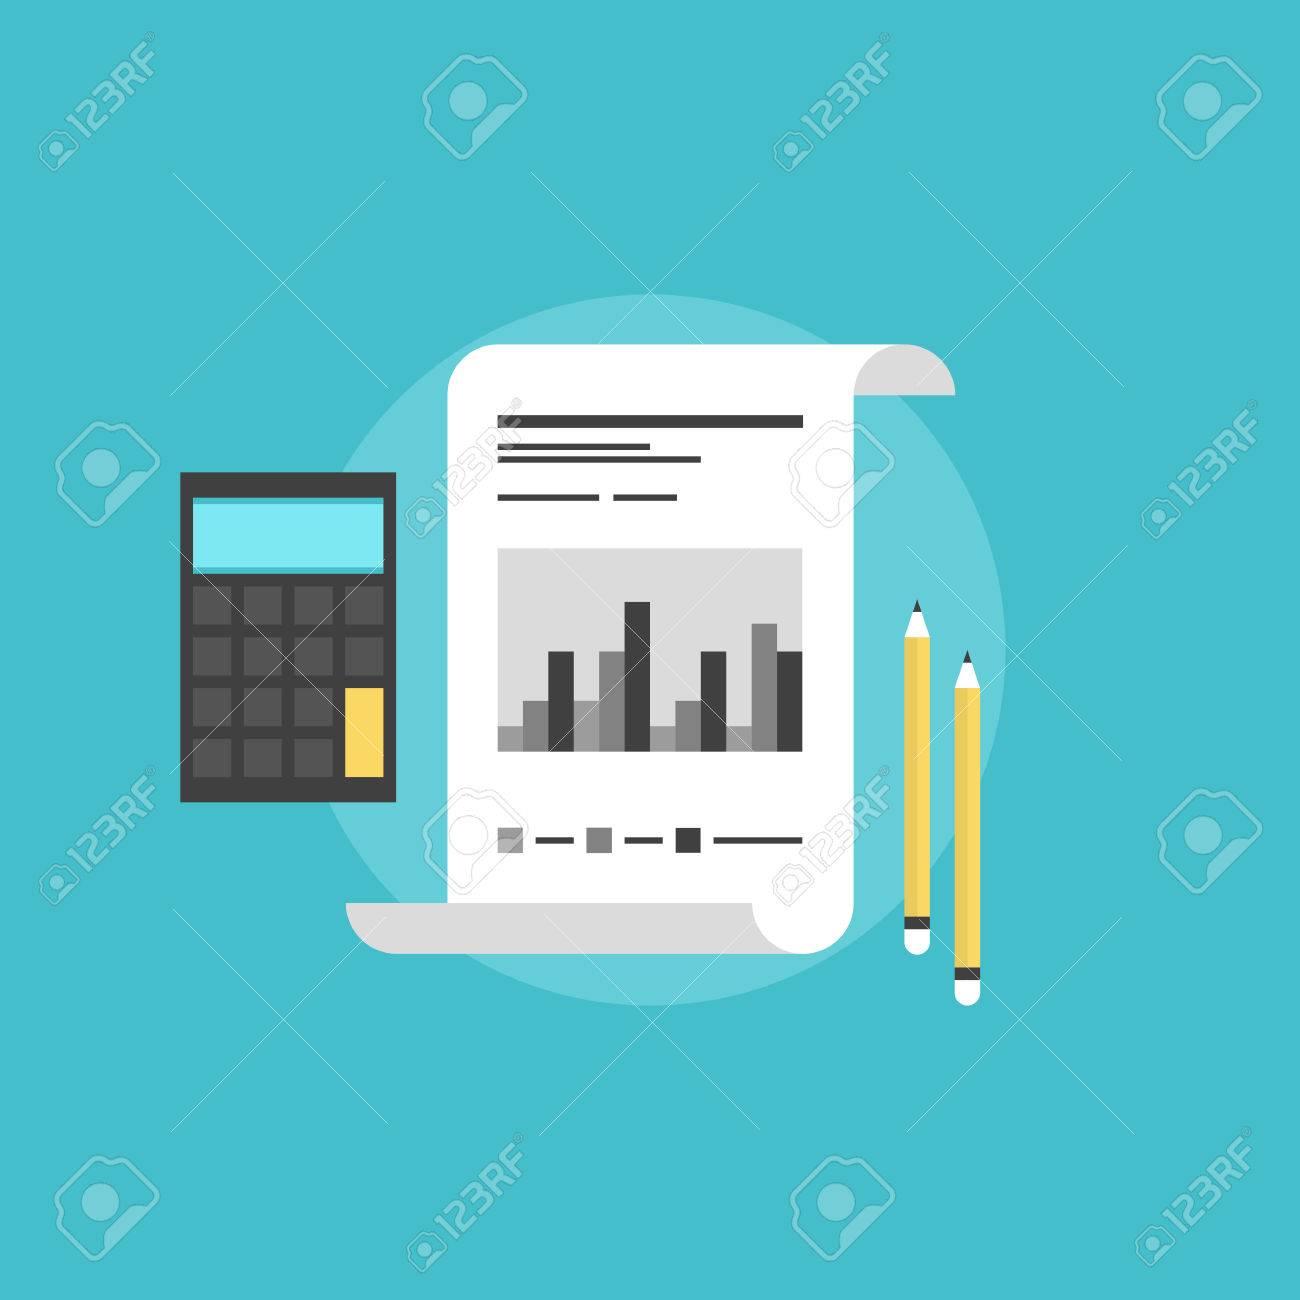 会社財務会計、計算機、鉛筆、企業データを分析する市場の統計量